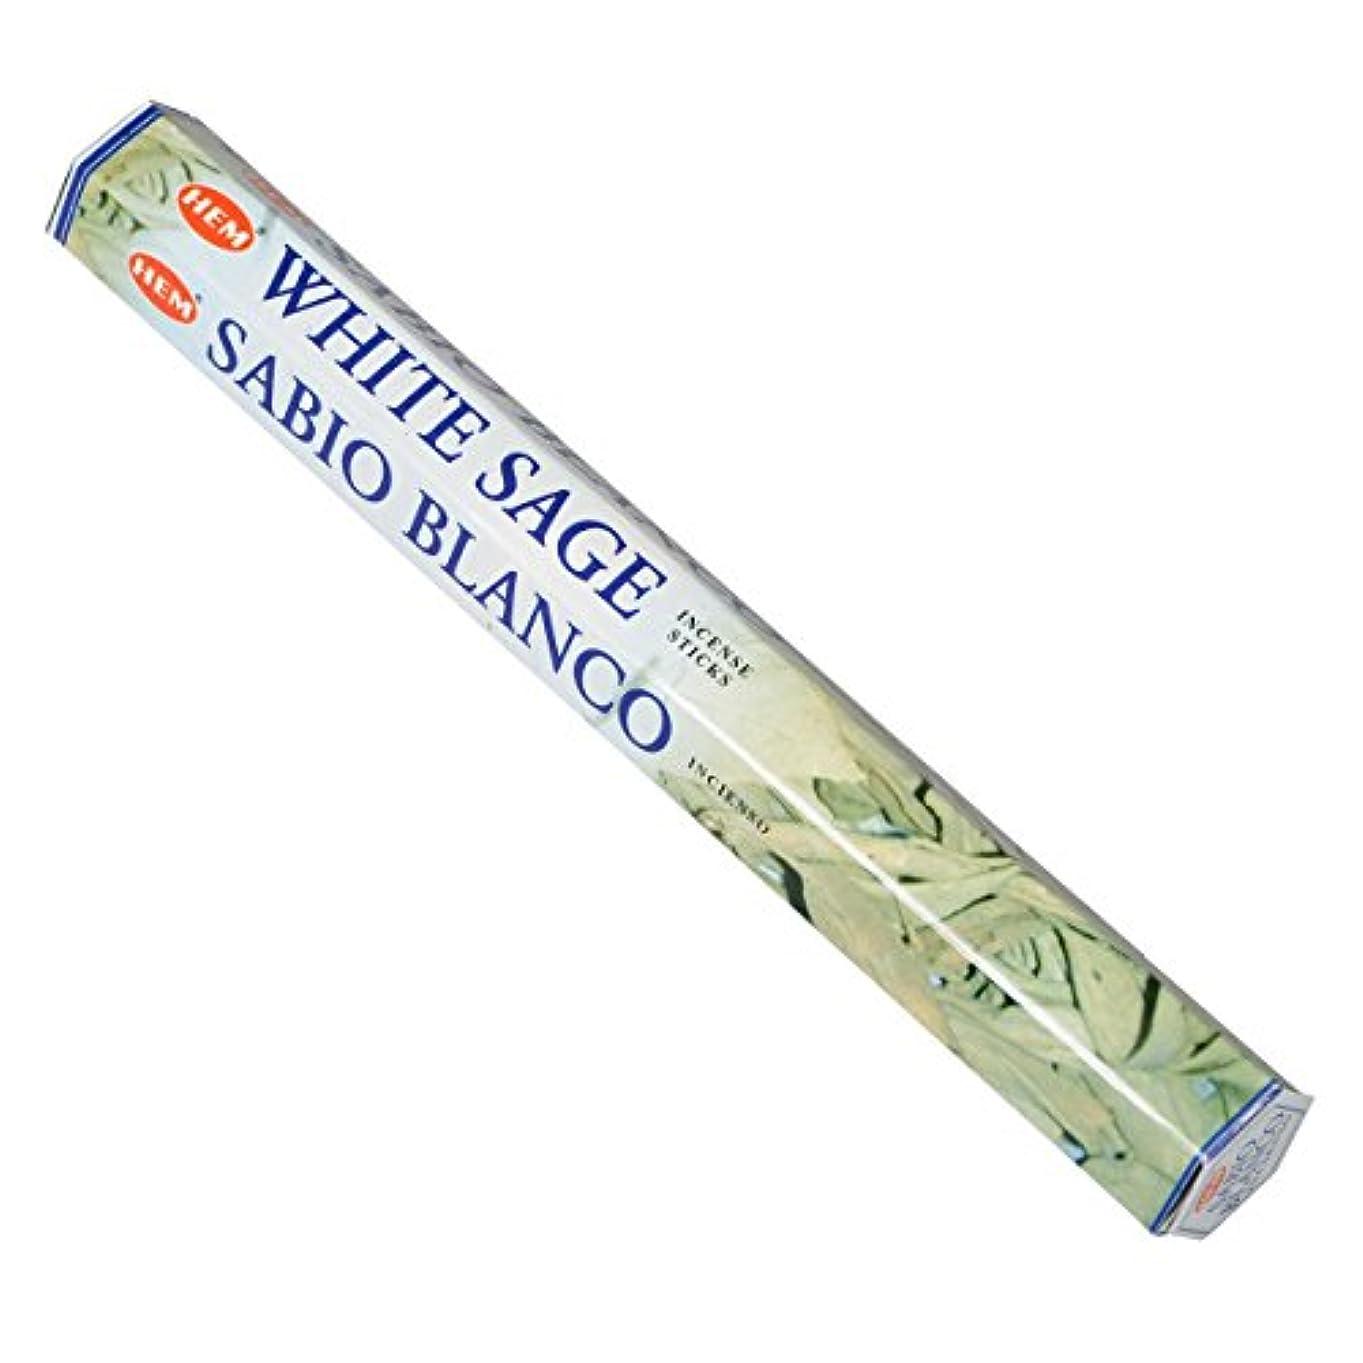 更新わずらわしい確かめるHEM(ヘム) ホワイト セージ WHITE SAGE スティックタイプ お香 1筒 単品 [並行輸入品]